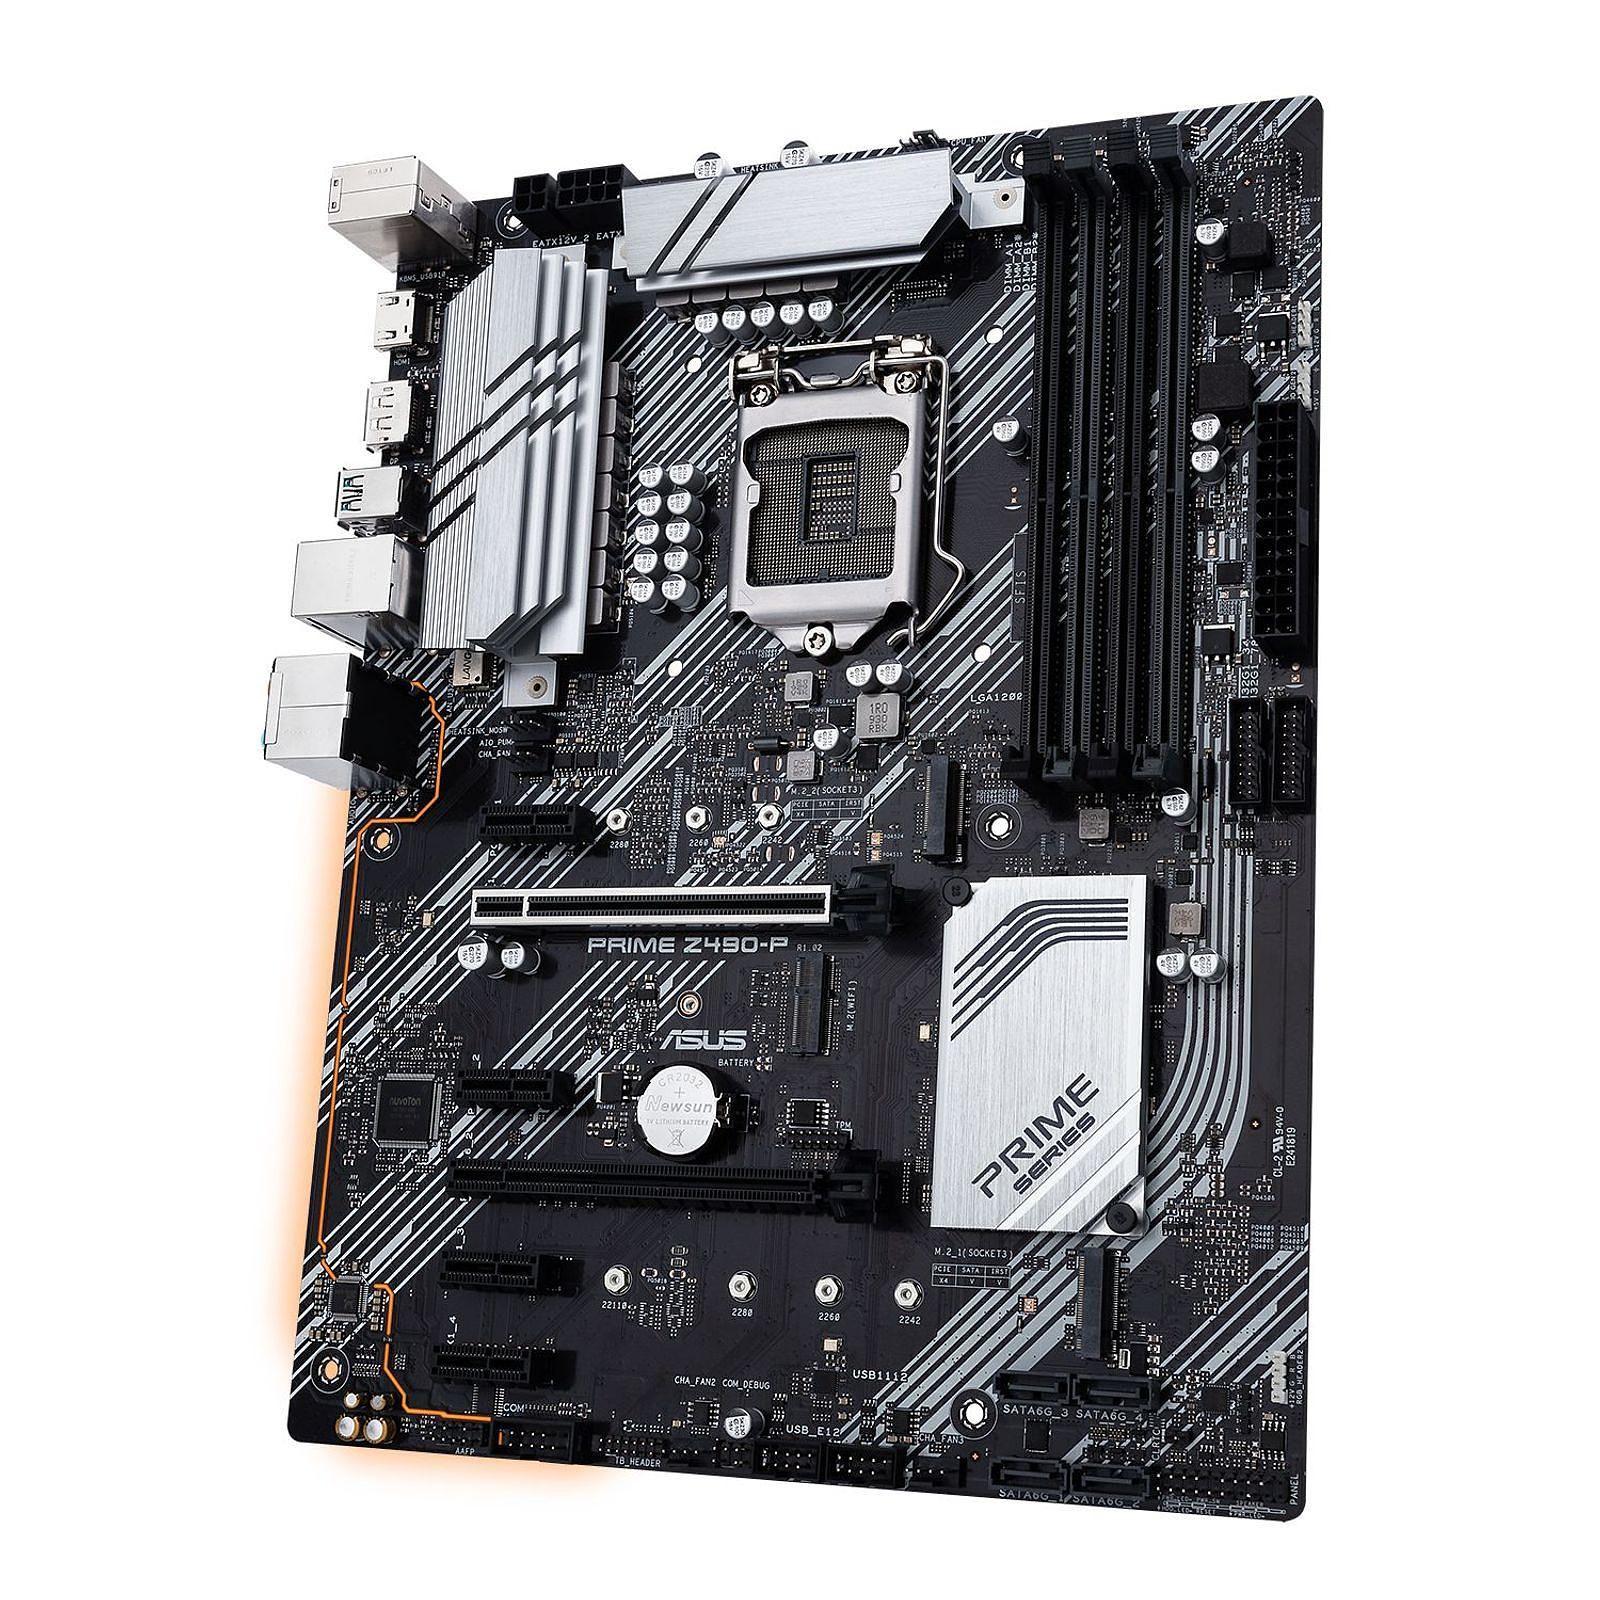 Carte mère Asus Prime Z490P Socket 1200 (Intel Z490 Express) ATX, informatique ile de la Réunion 974